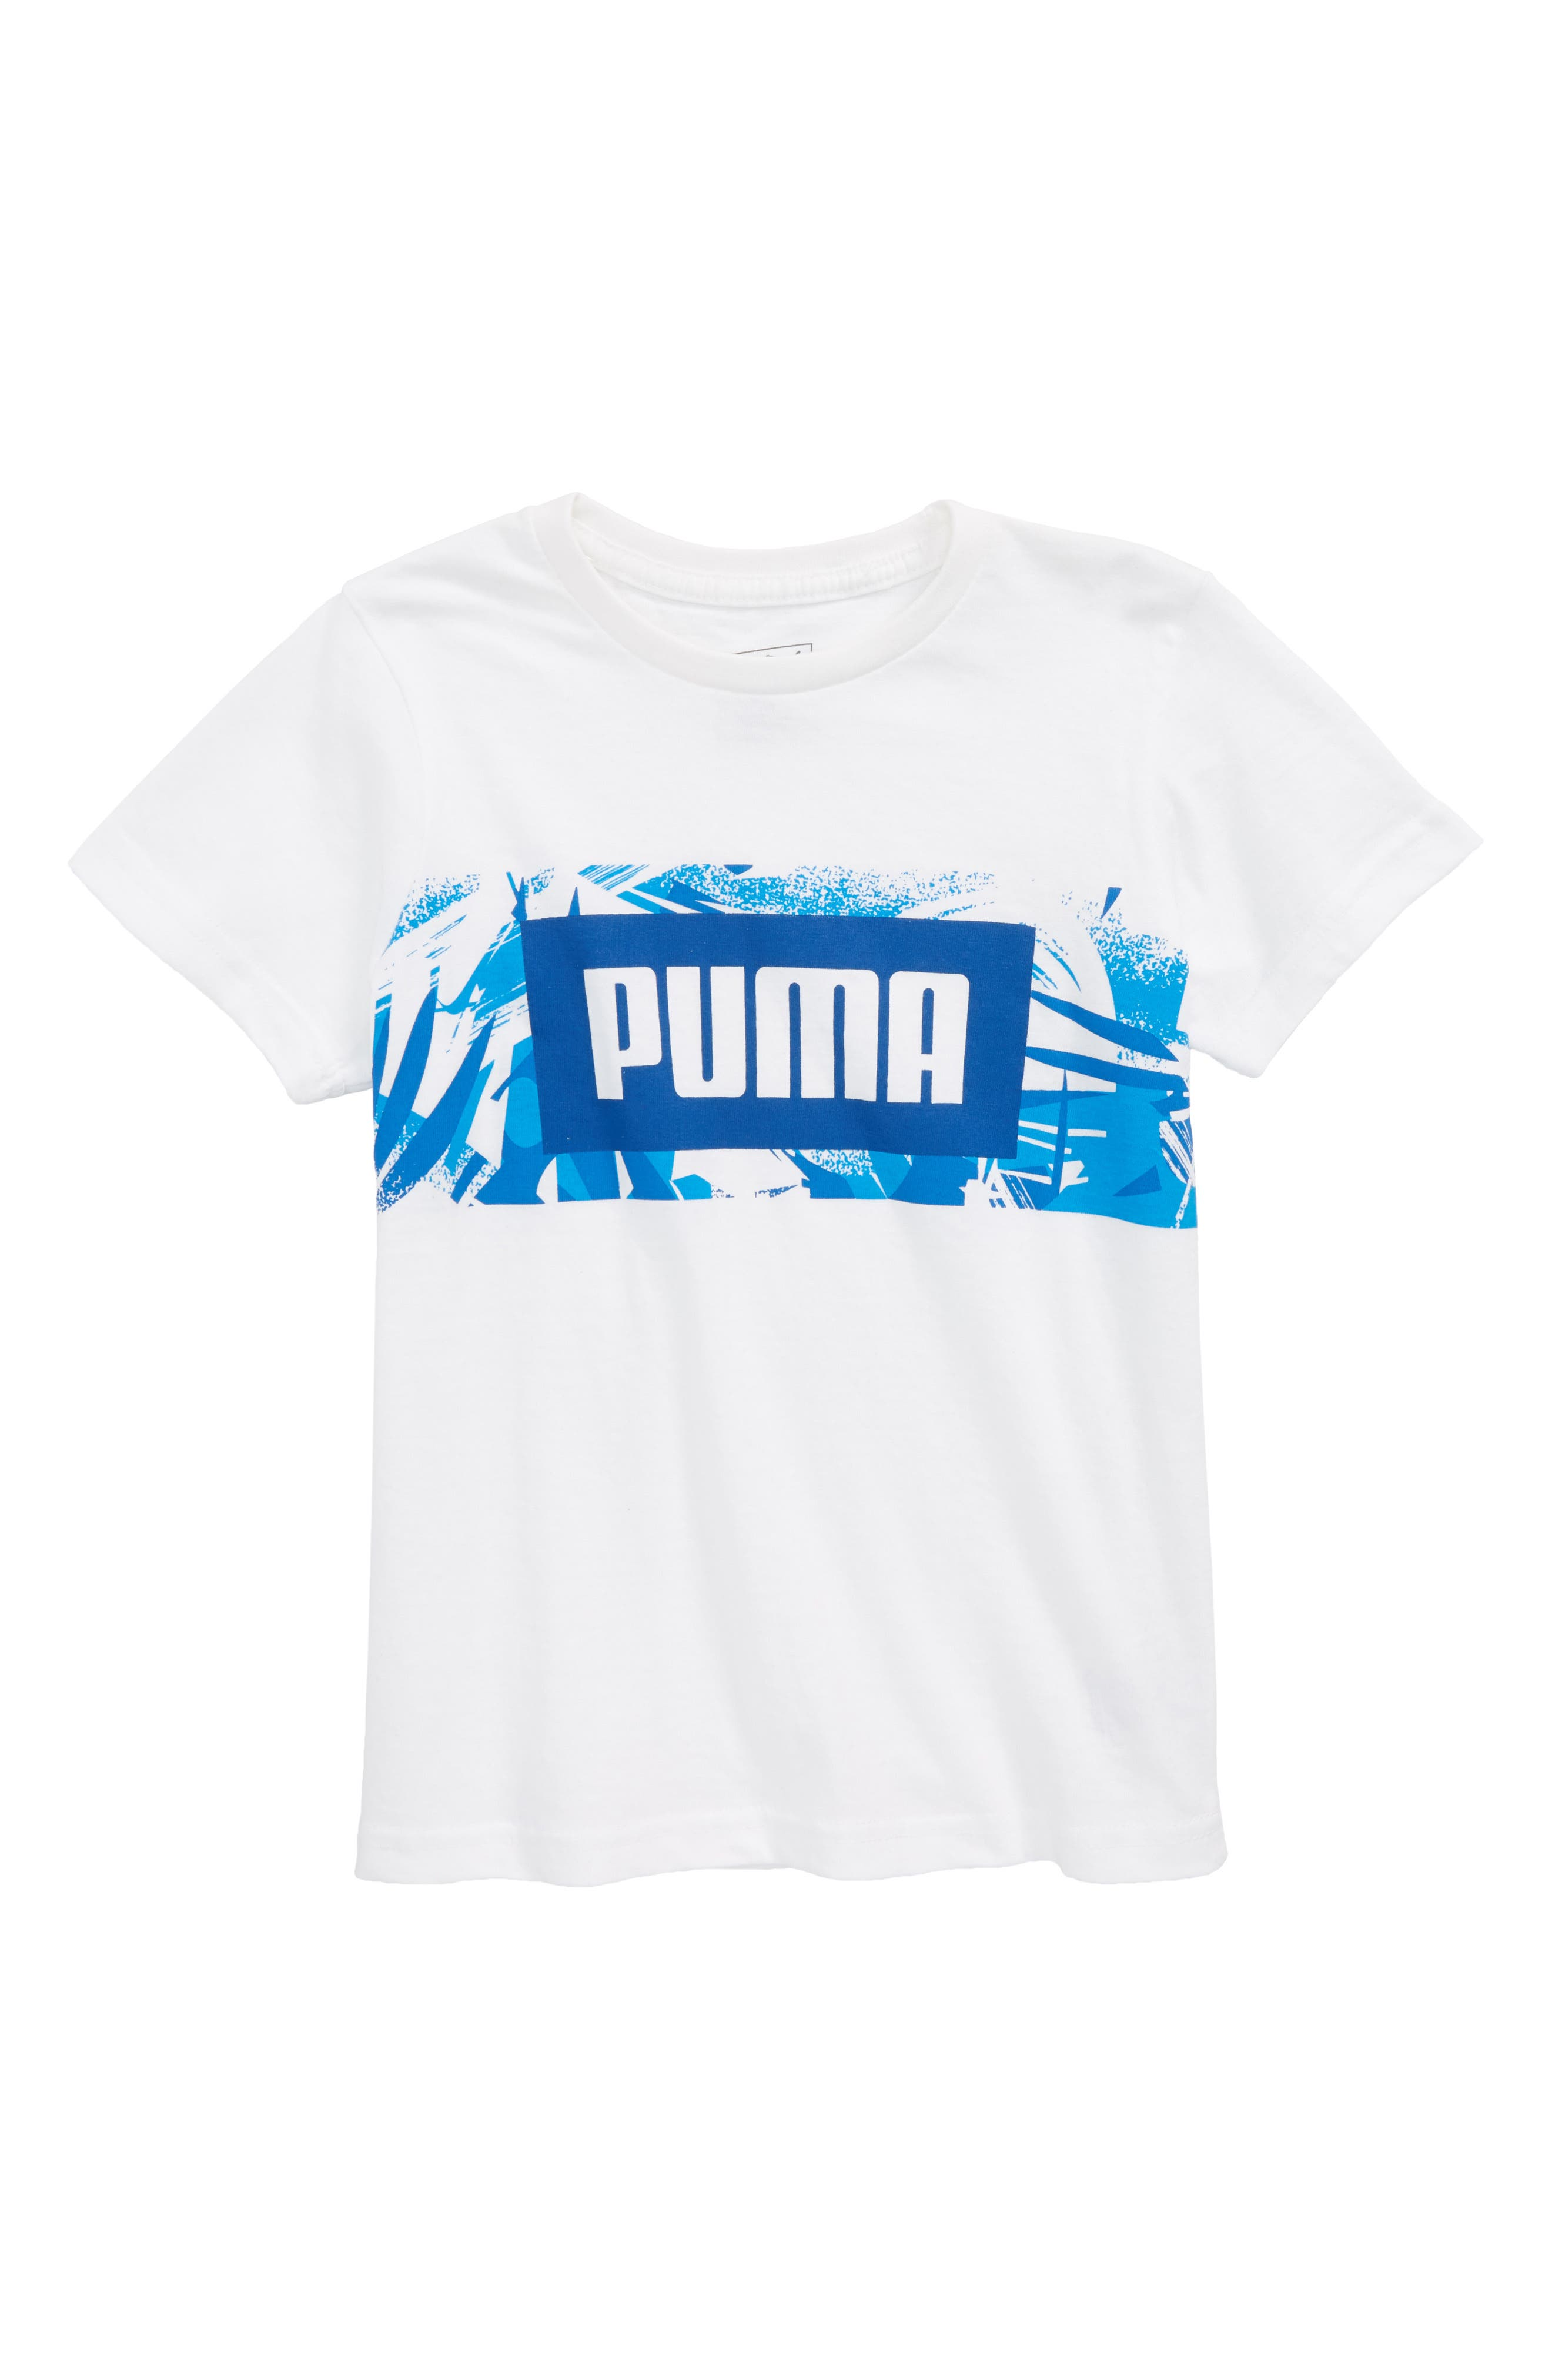 PUMA,                             Graphic T-Shirt,                             Main thumbnail 1, color,                             100